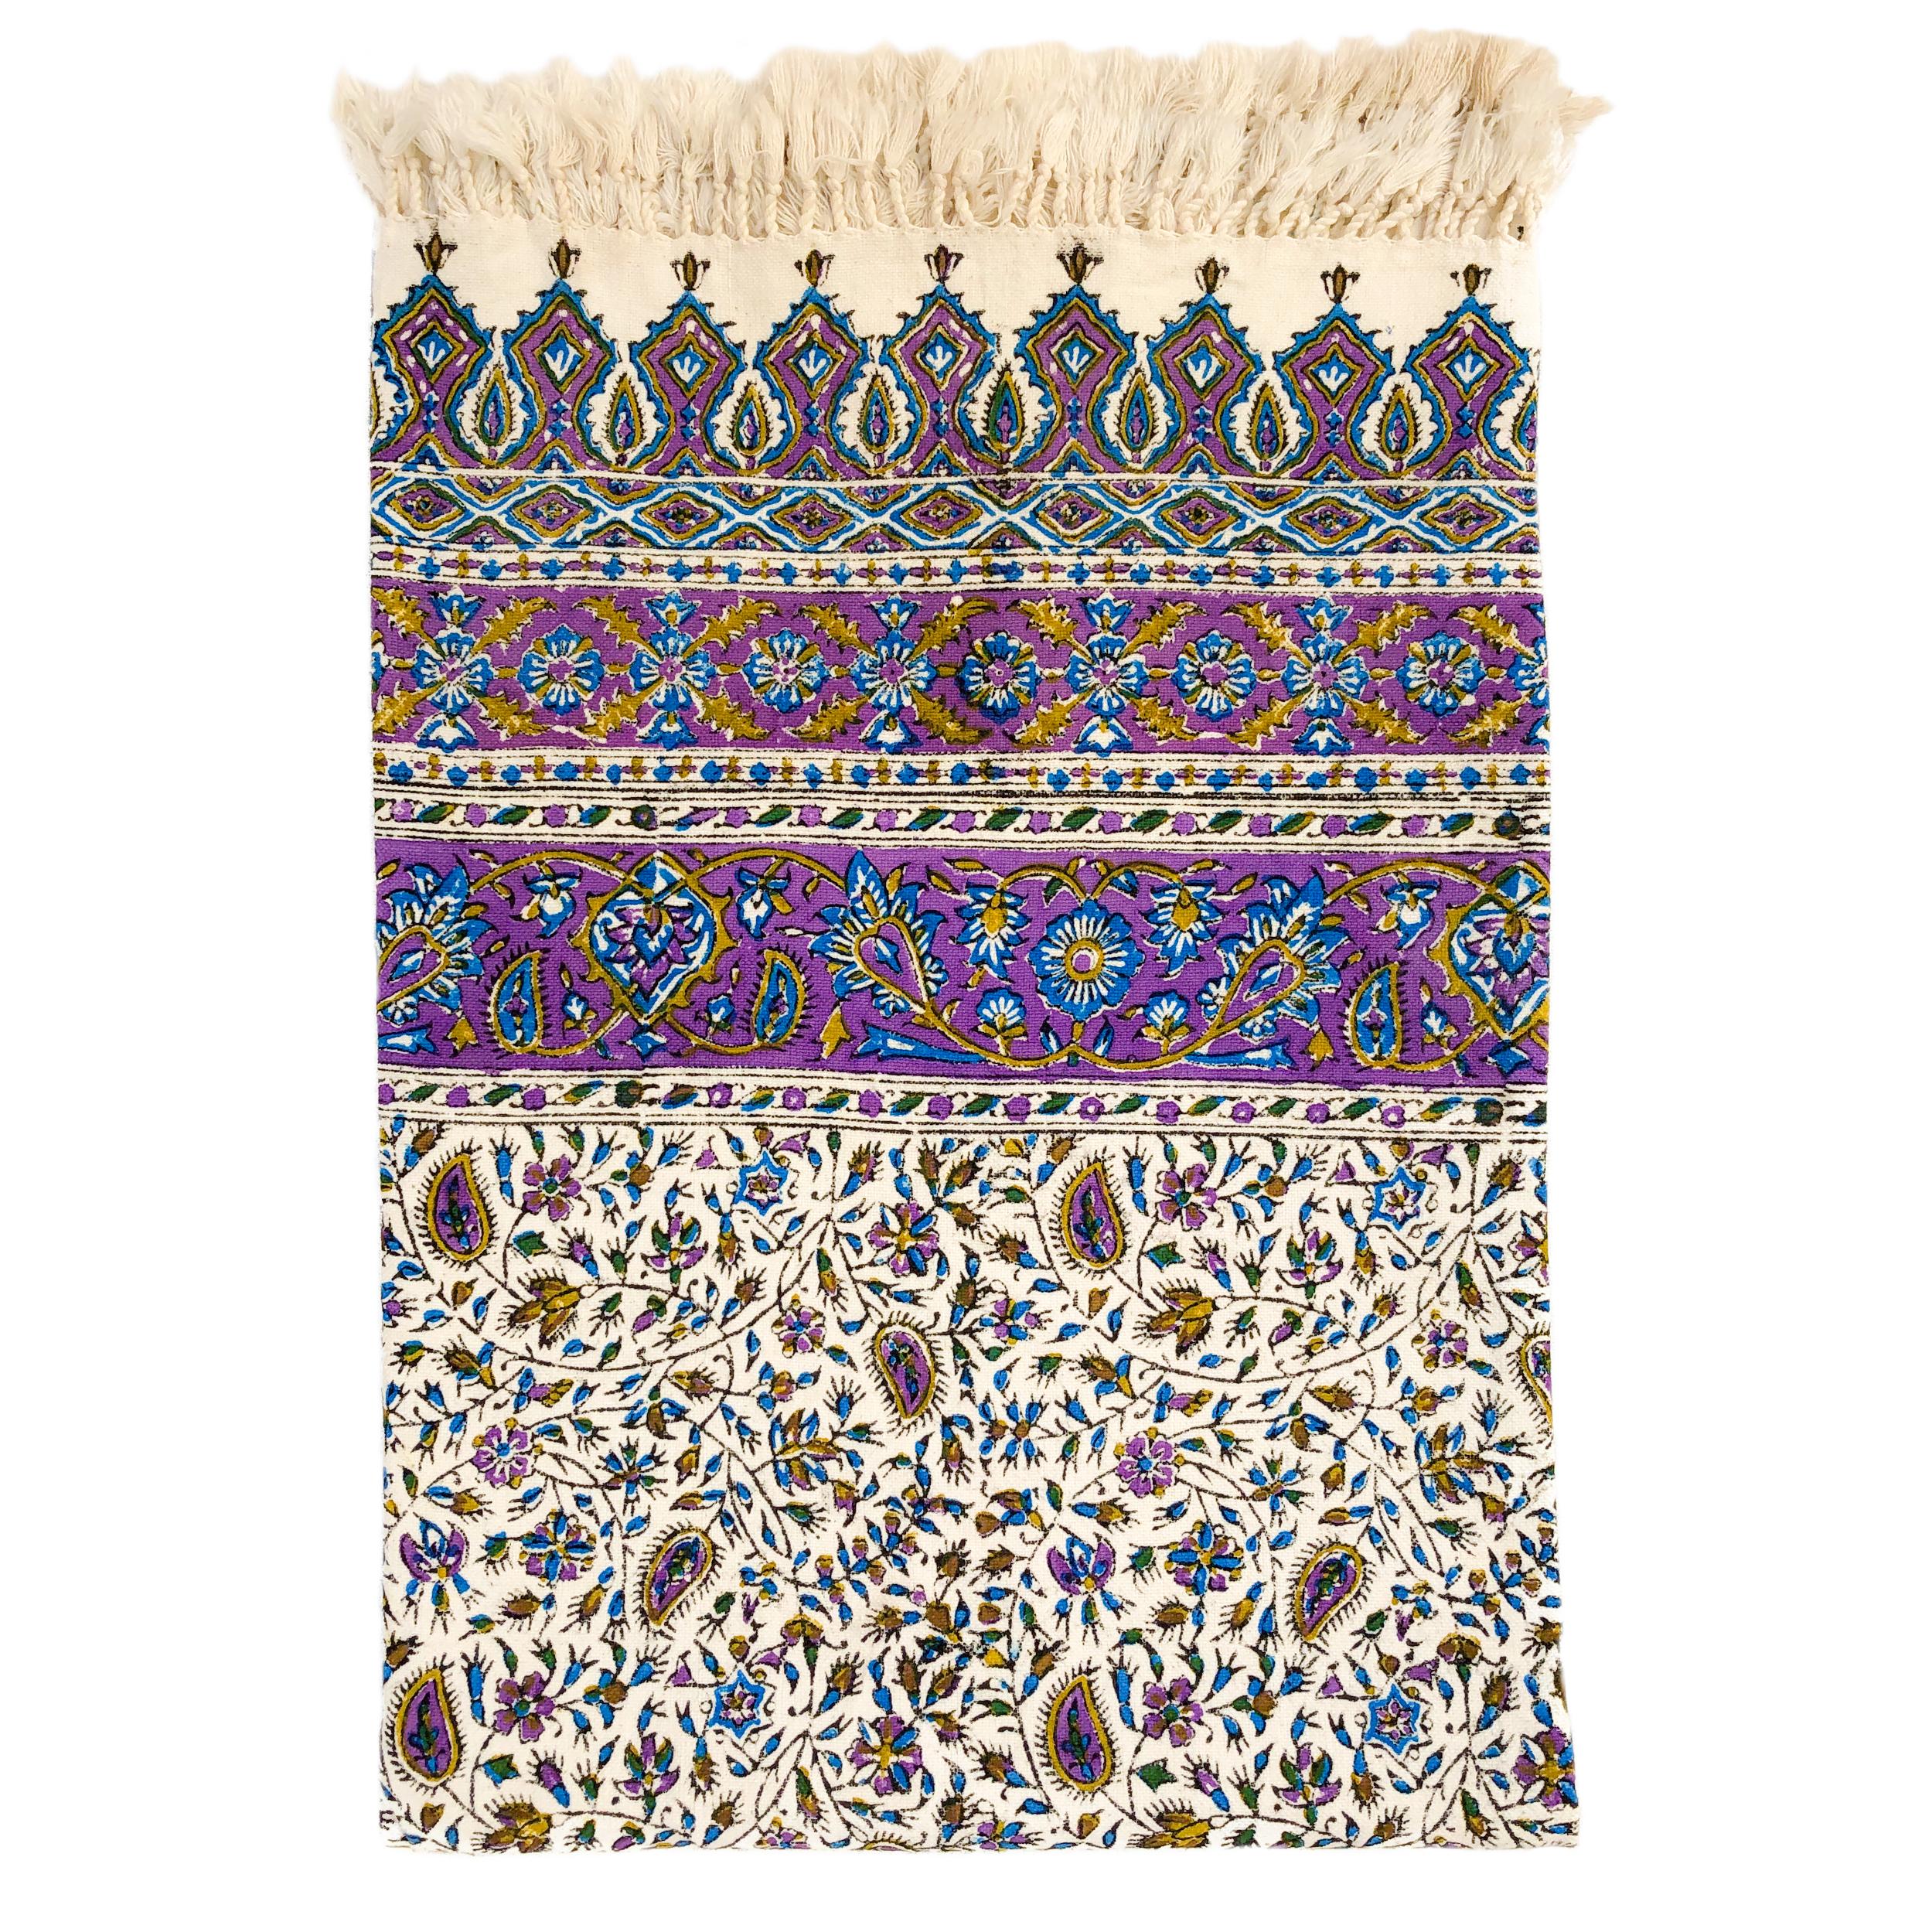 رومیزی قلمكار ممتاز اصفهان اثر عطريان طرح بته جقه مدل G55 سايز200*135سانتي متر